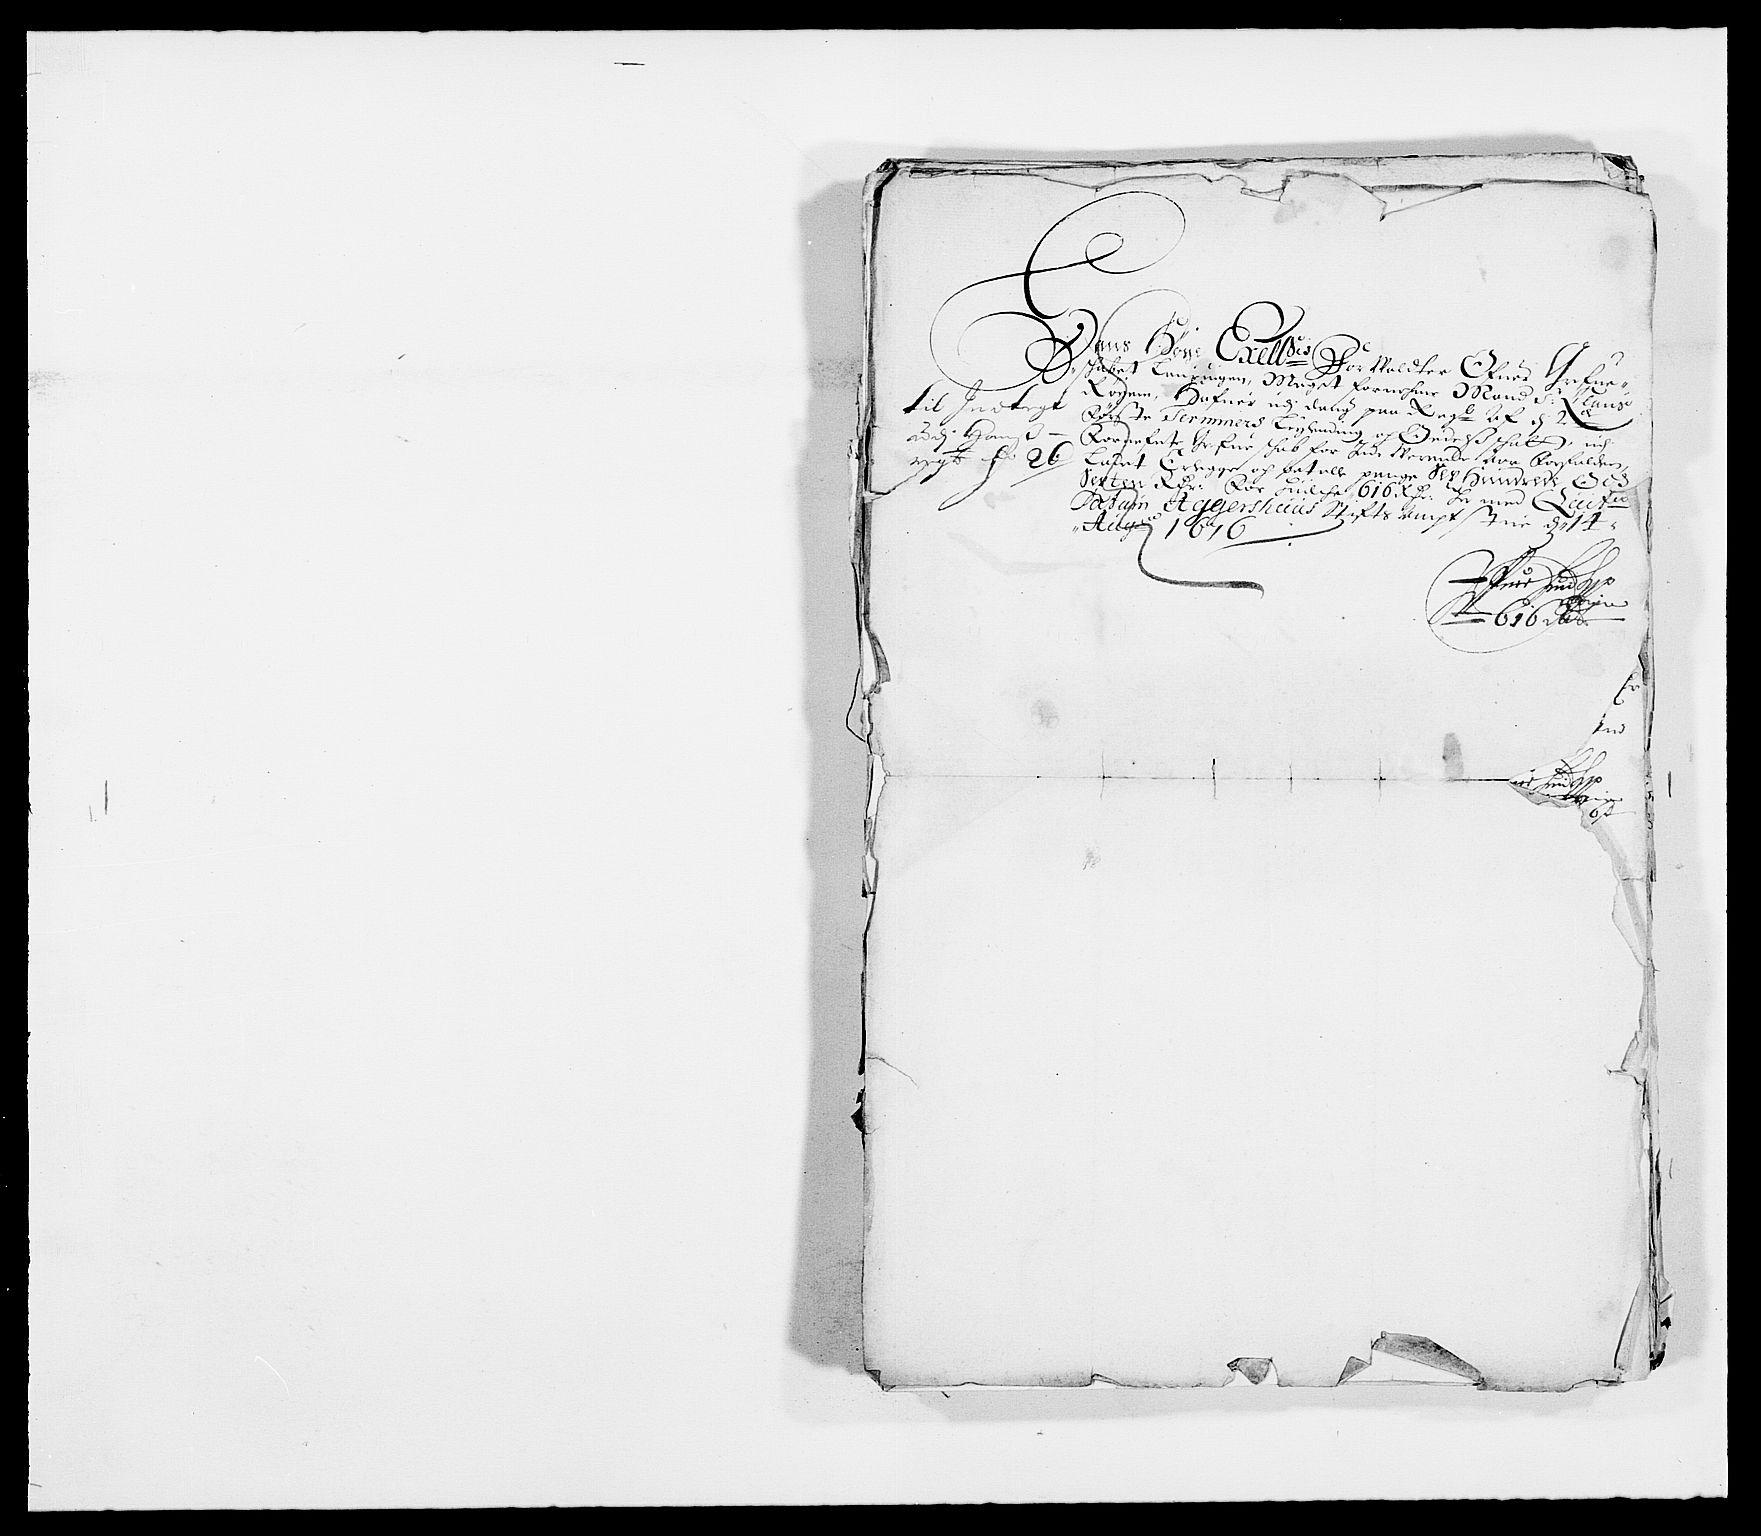 RA, Rentekammeret inntil 1814, Reviderte regnskaper, Fogderegnskap, R33/L1970: Fogderegnskap Larvik grevskap, 1675-1687, s. 403